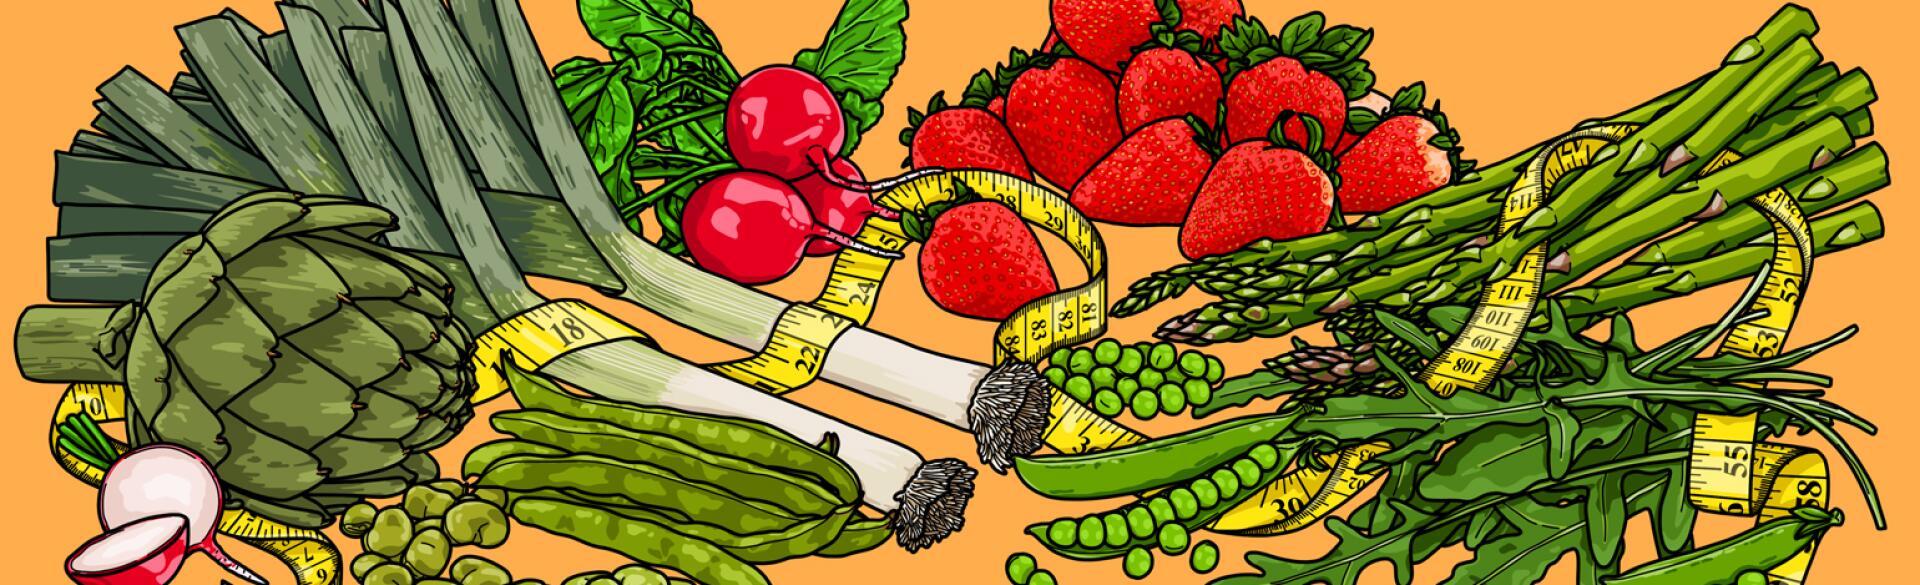 Superfoods, vegetables, fruit, health, aarp, sisters